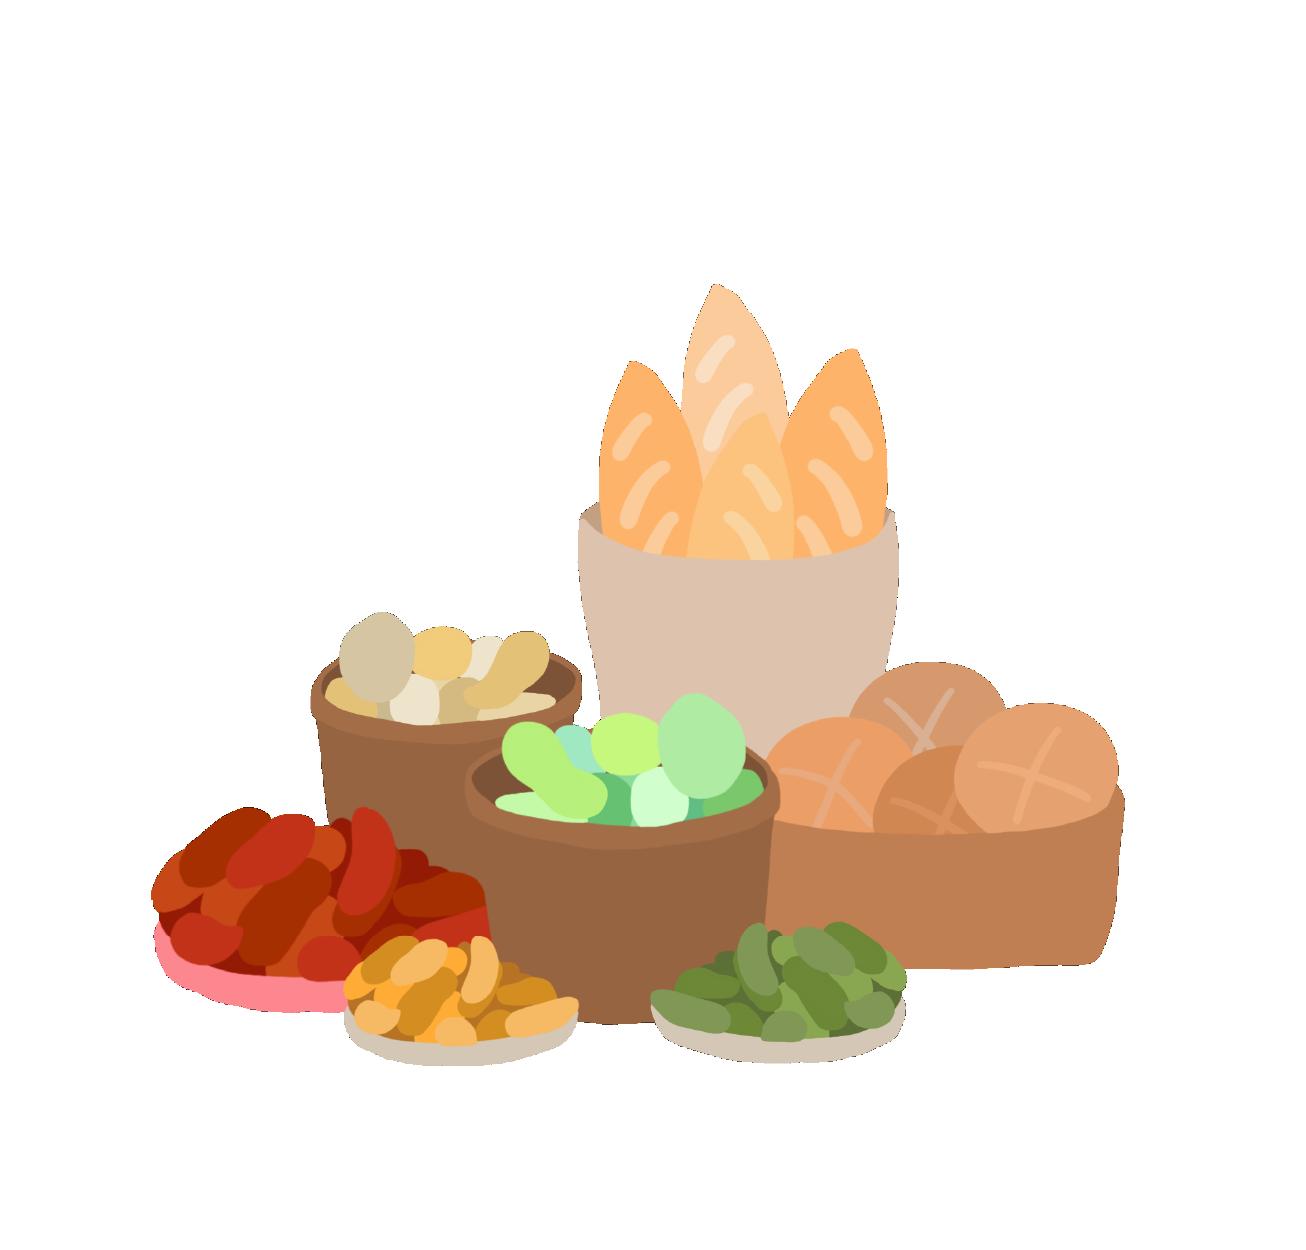 Ilustración cestas de comida